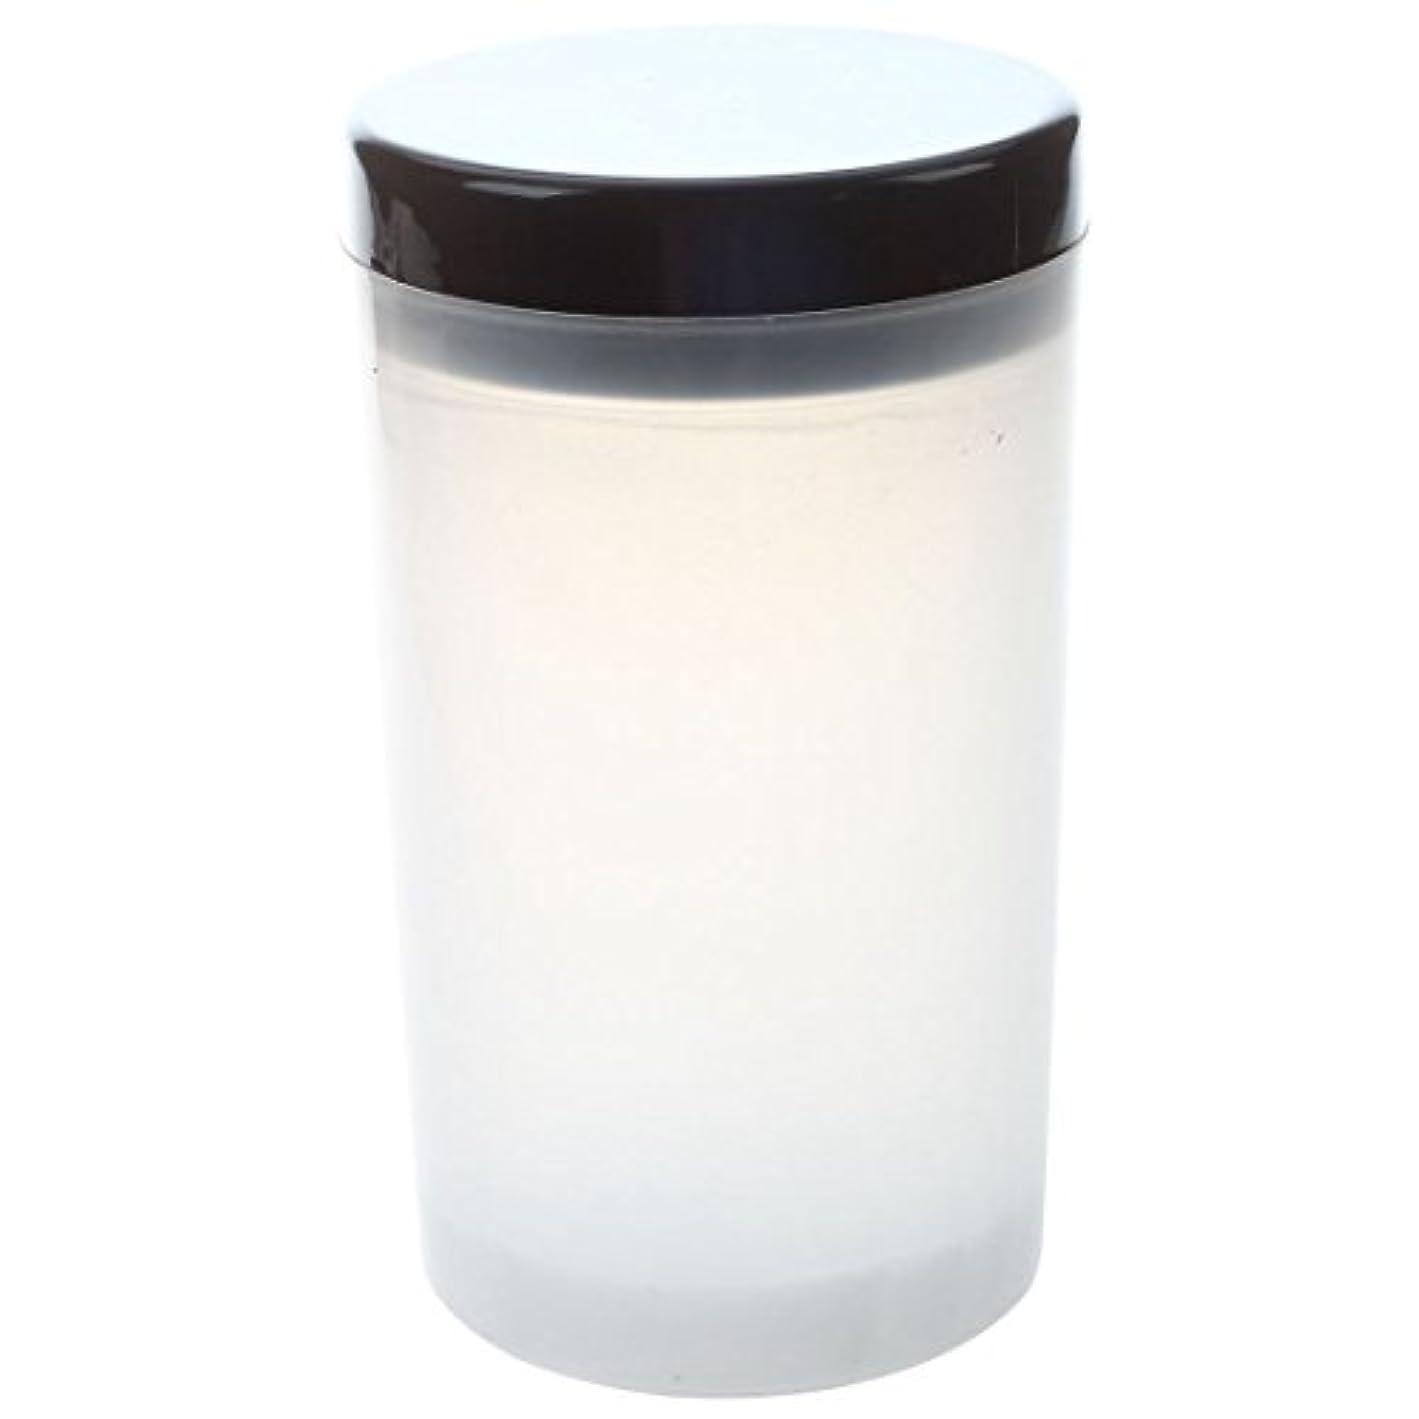 メイド土化学Gaoominy ネイルアートチップブラシホルダー リムーバーカップカップ浸漬ブラシ クリーナーボトル